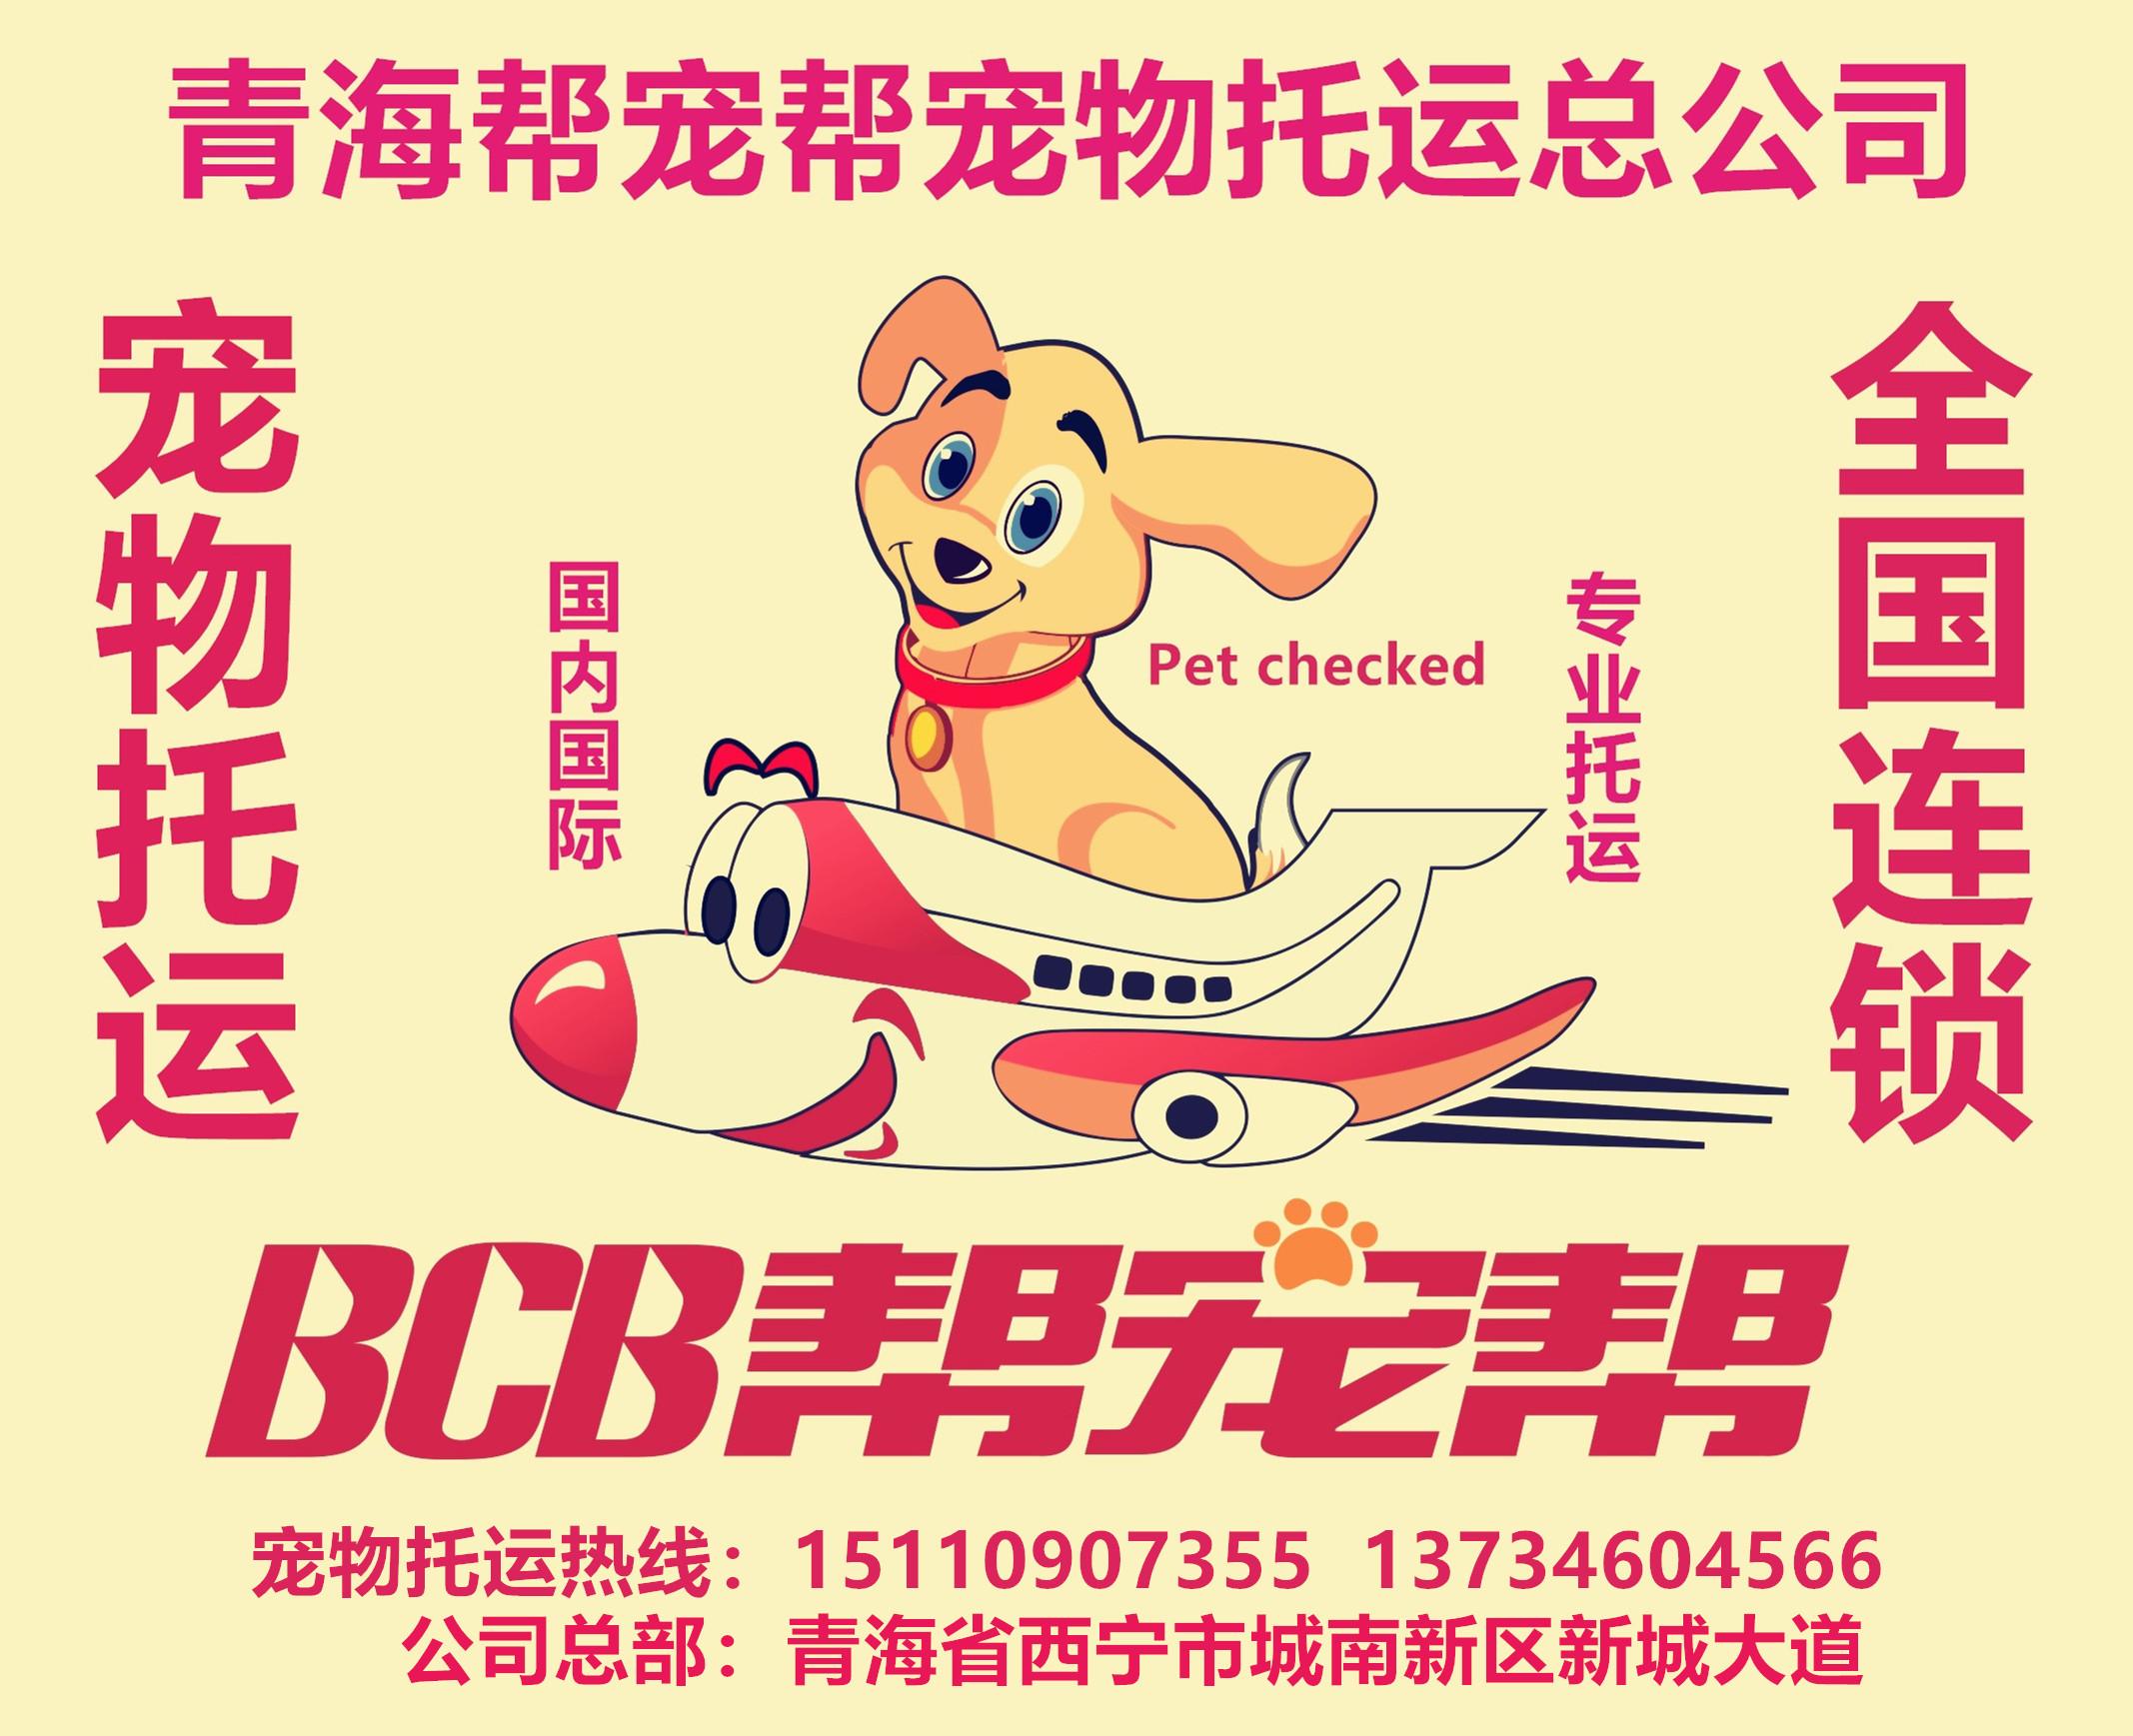 西宁帮宠帮宠物托运公司安全可靠专业十年